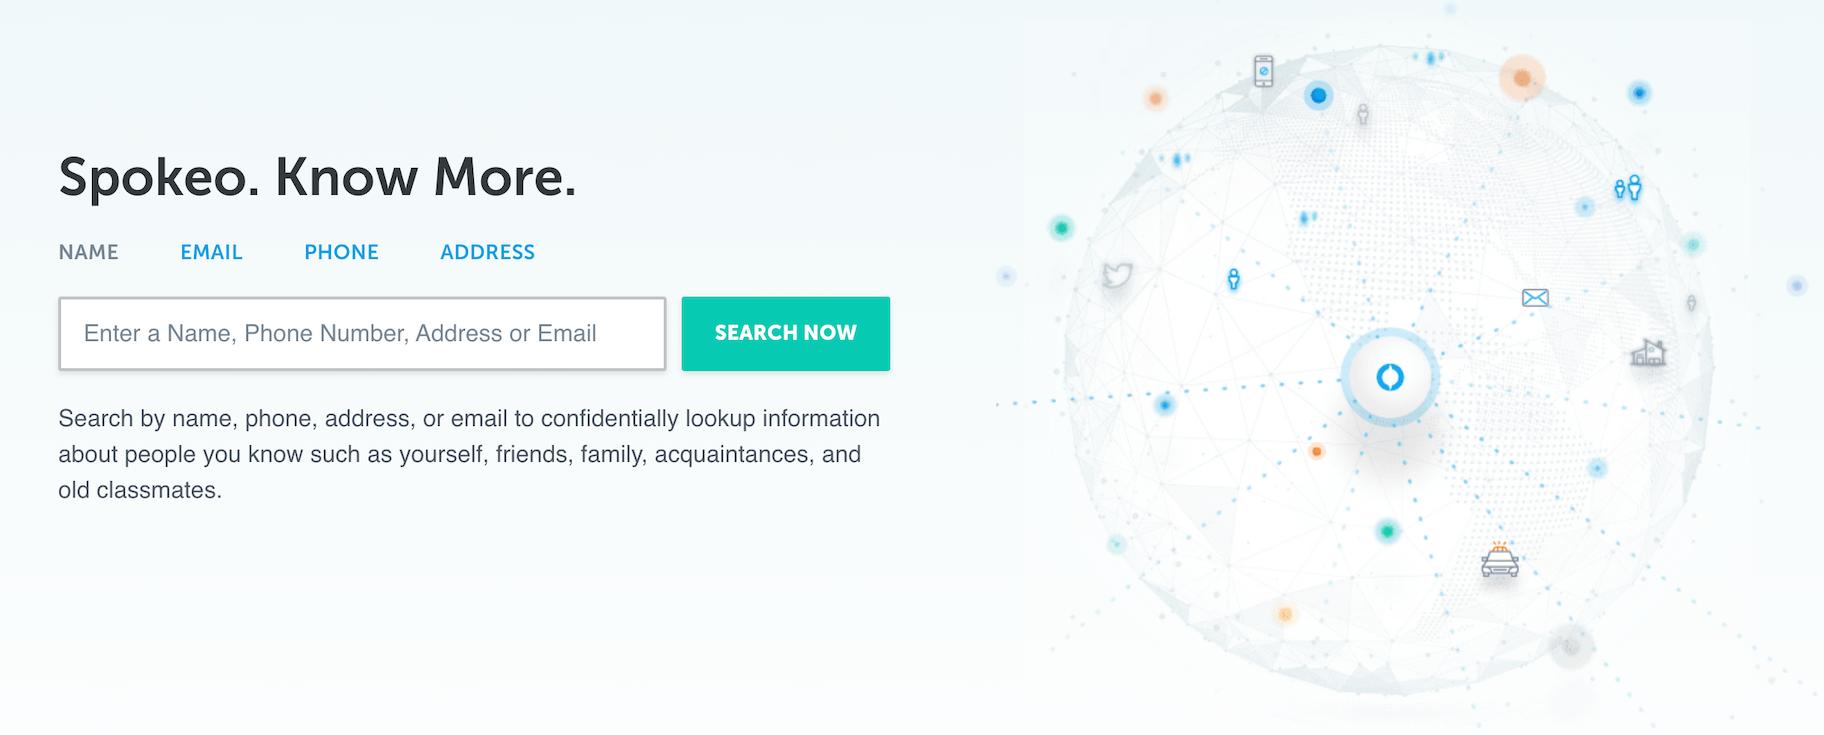 spokeo motori di ricerca social